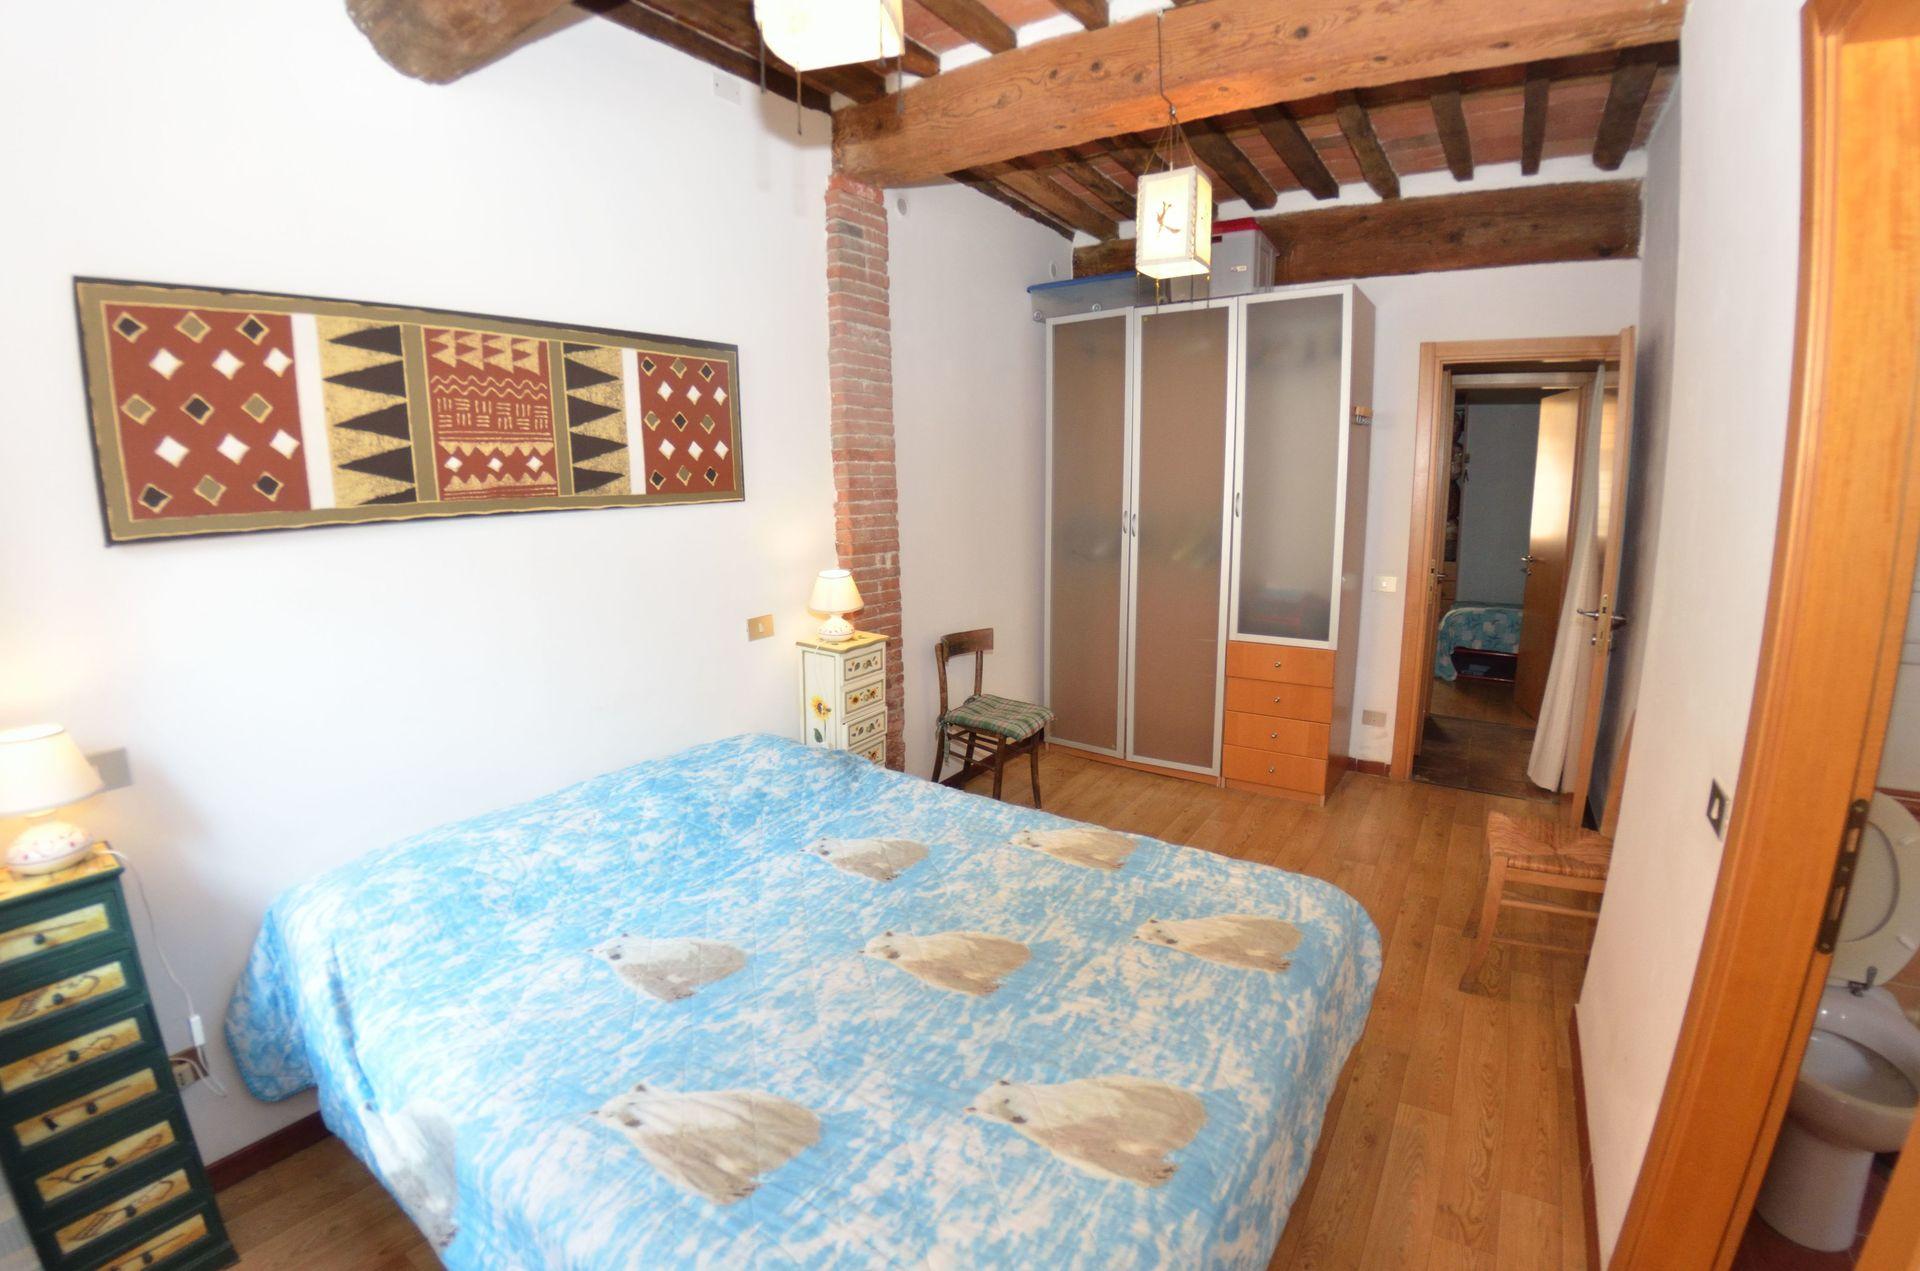 Divano Letto Lucca.Casina Bella Di Lucca Casa Vacanze Con 7 Posti Letto In 2